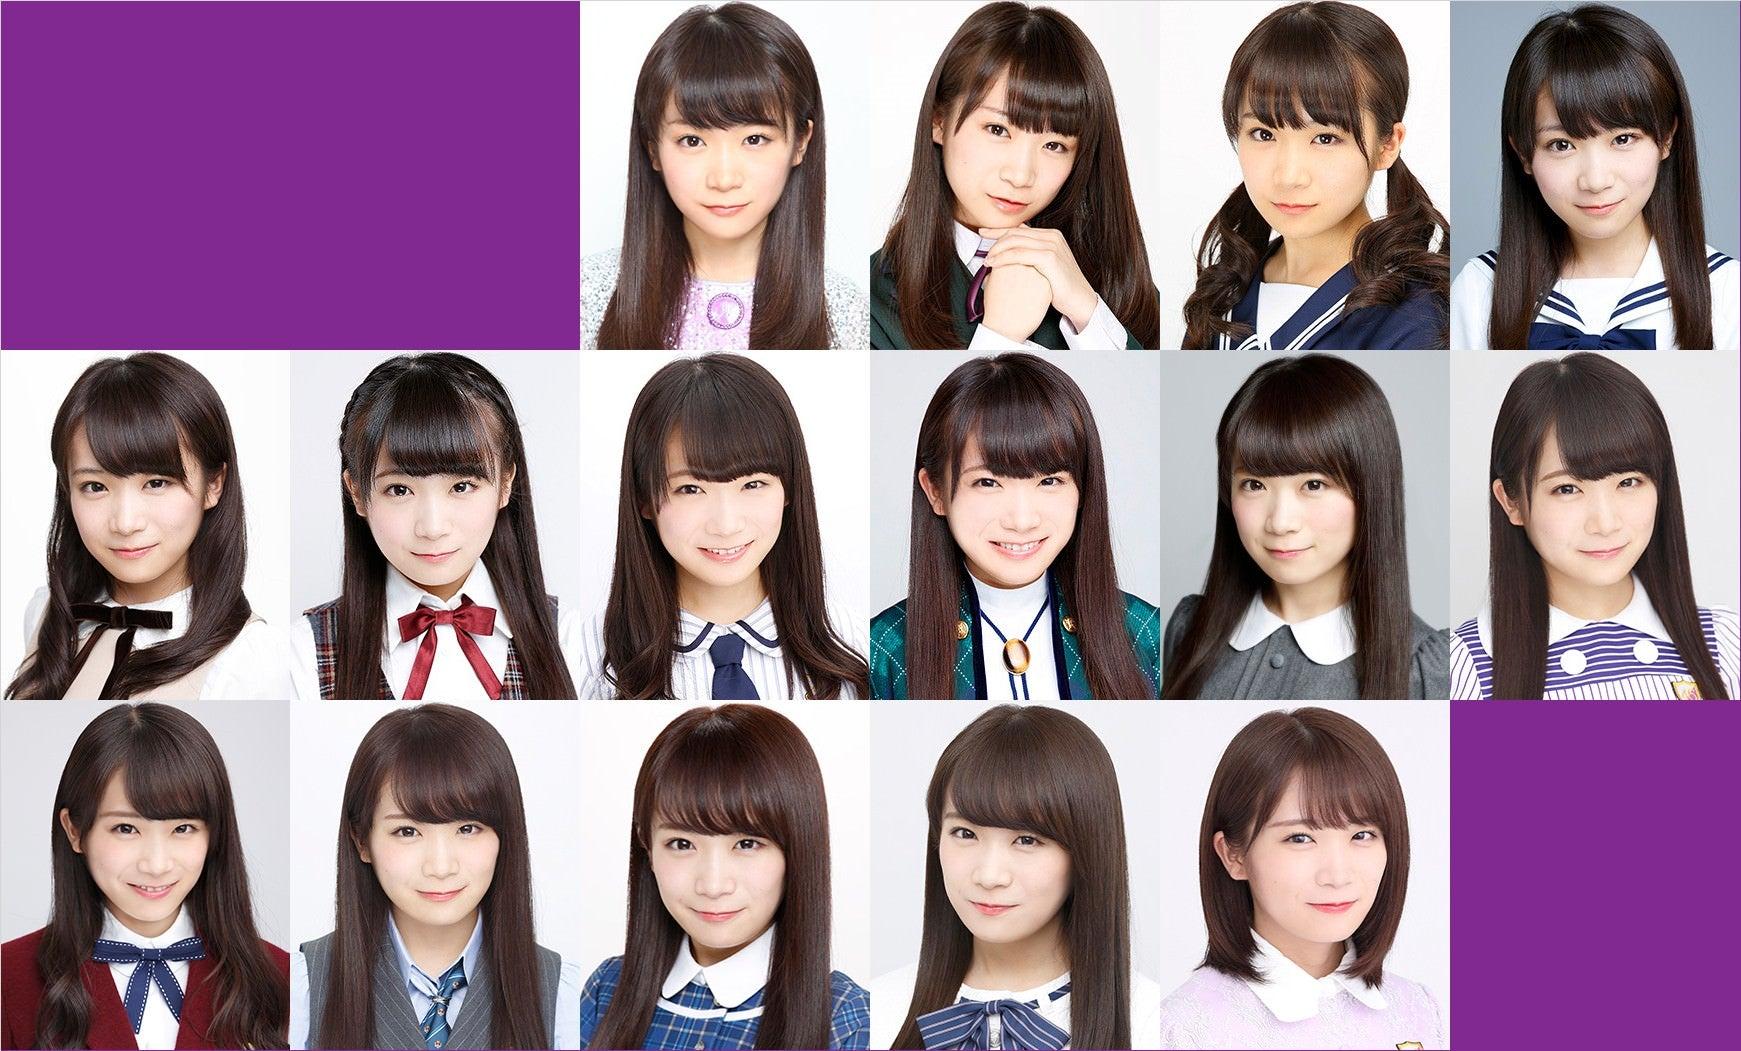 メンバー 乃木坂 歴代 乃木坂46、櫻坂46、日向坂46の歴代専属モデルメンバー一覧